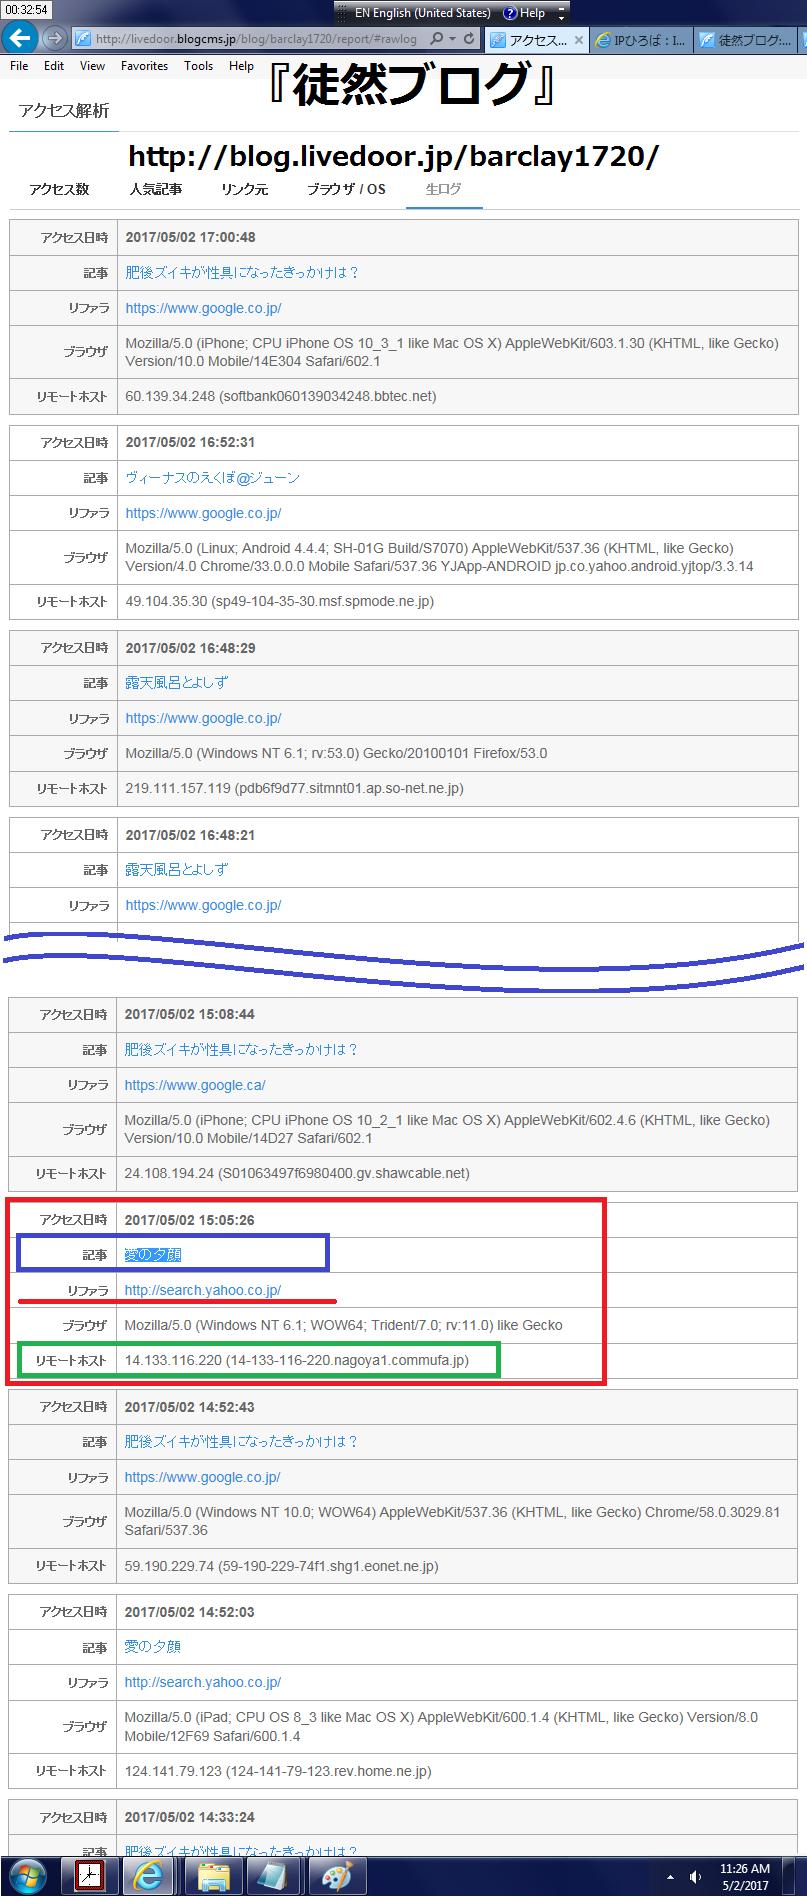 ライブドア『徒然ブログ』の日本時間で2017年5月2日の午後2時33分から午後5時までの約2時間半の「生ログ」の一部